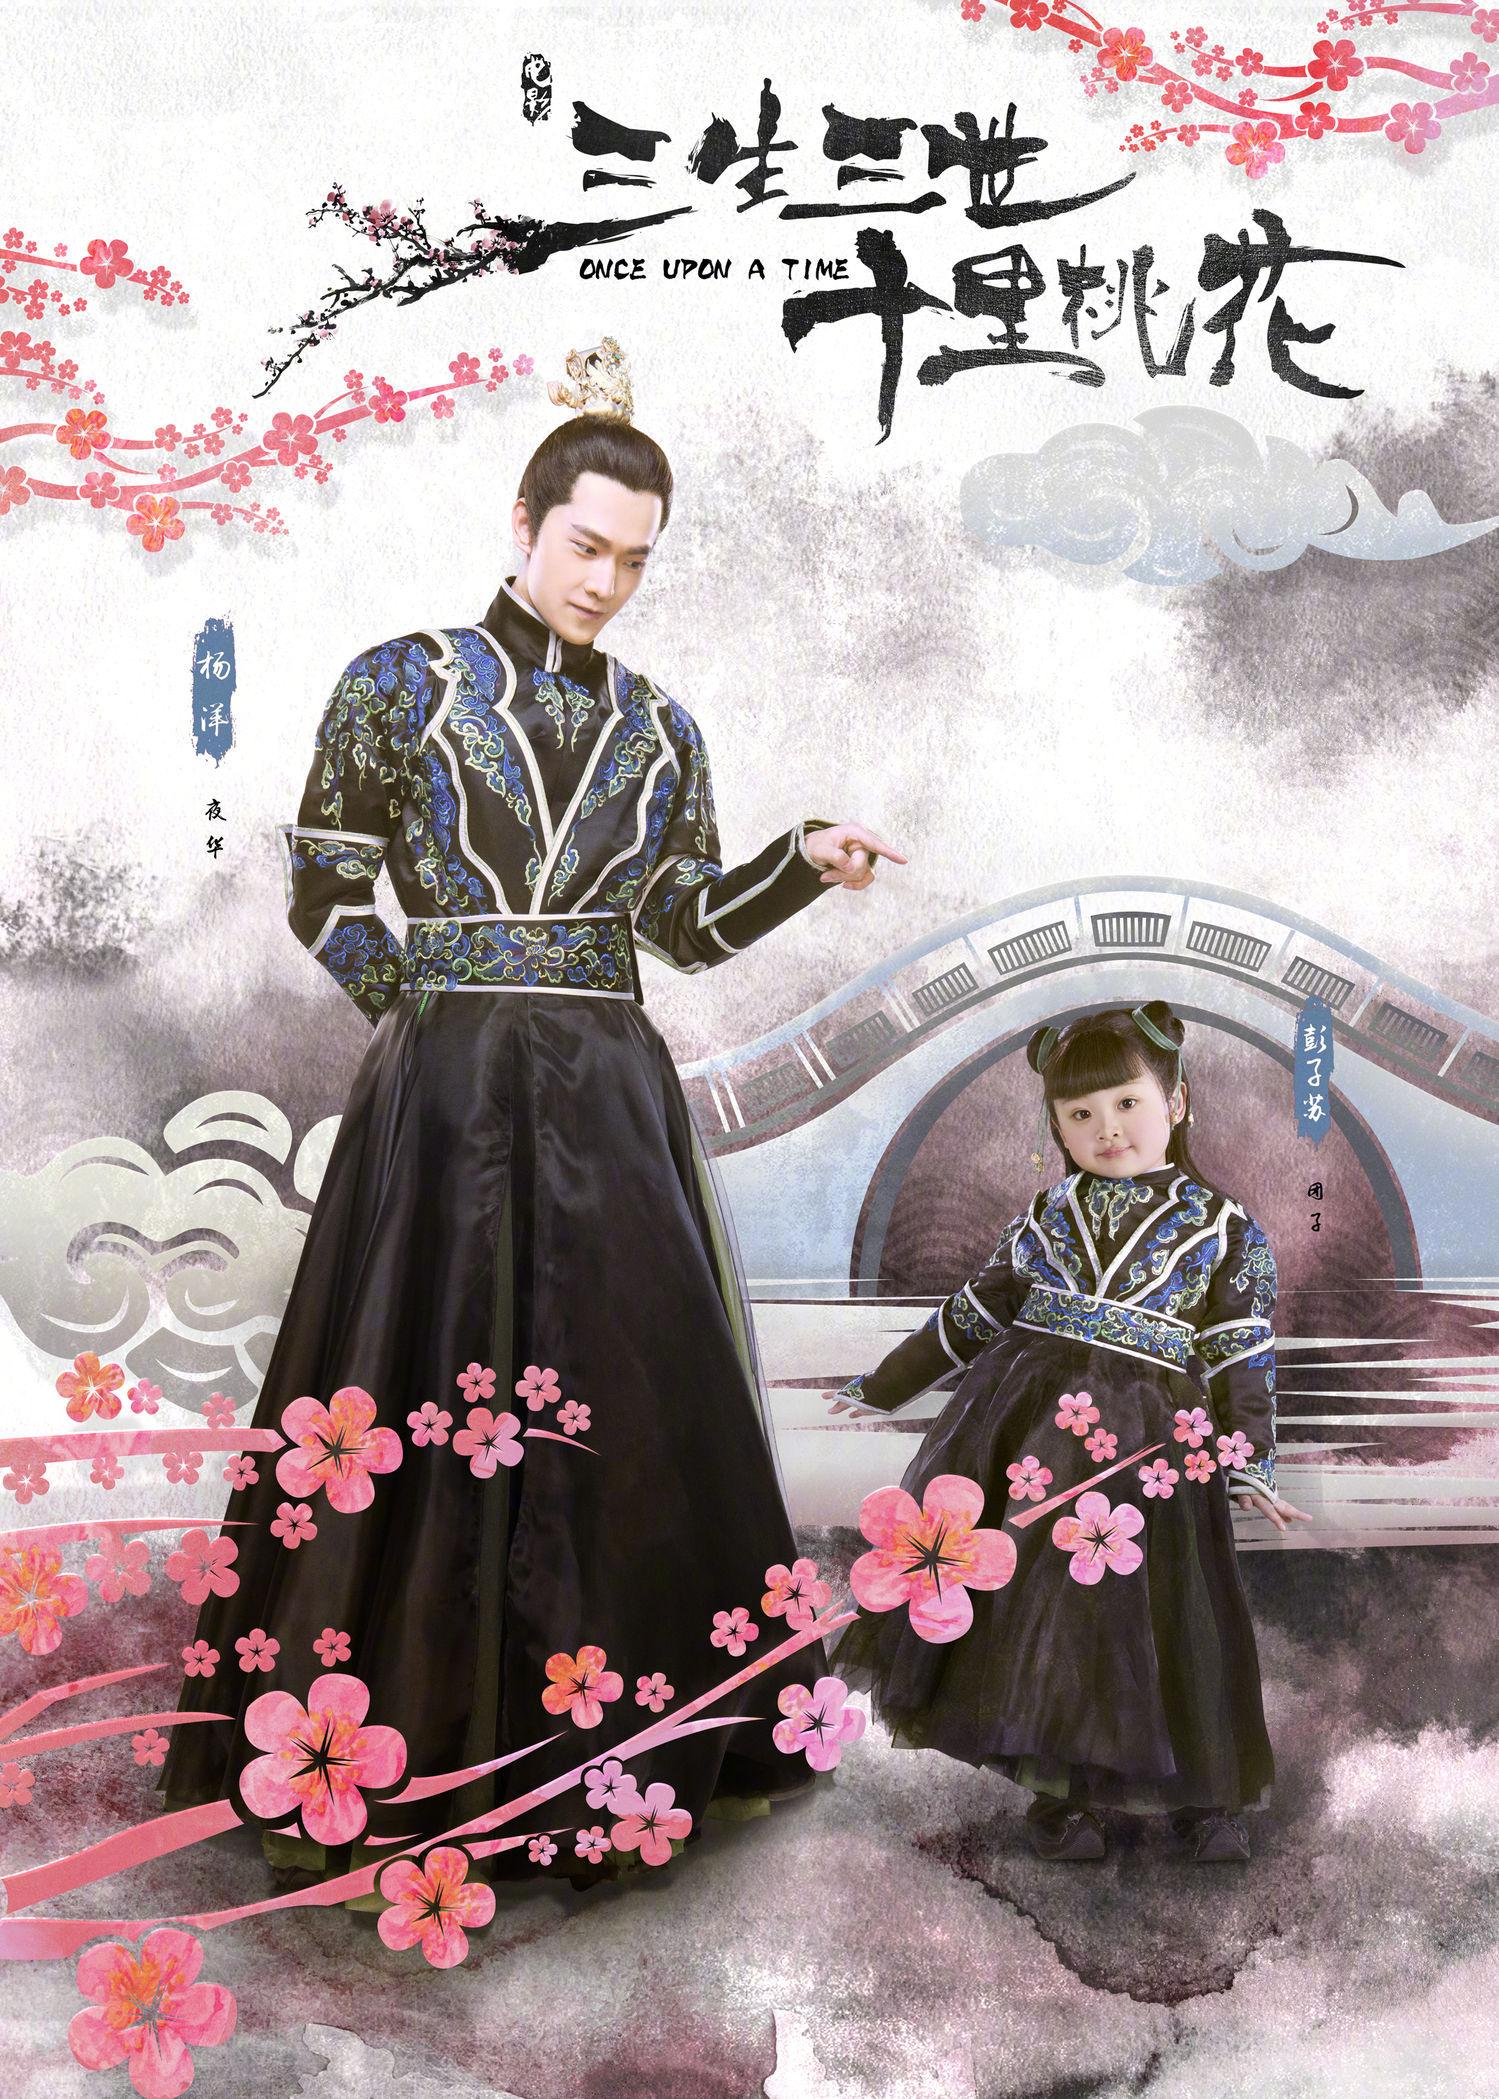 电影《三生三世十里桃花》发布父亲节专属海报 夜华团子逗趣画风可爱